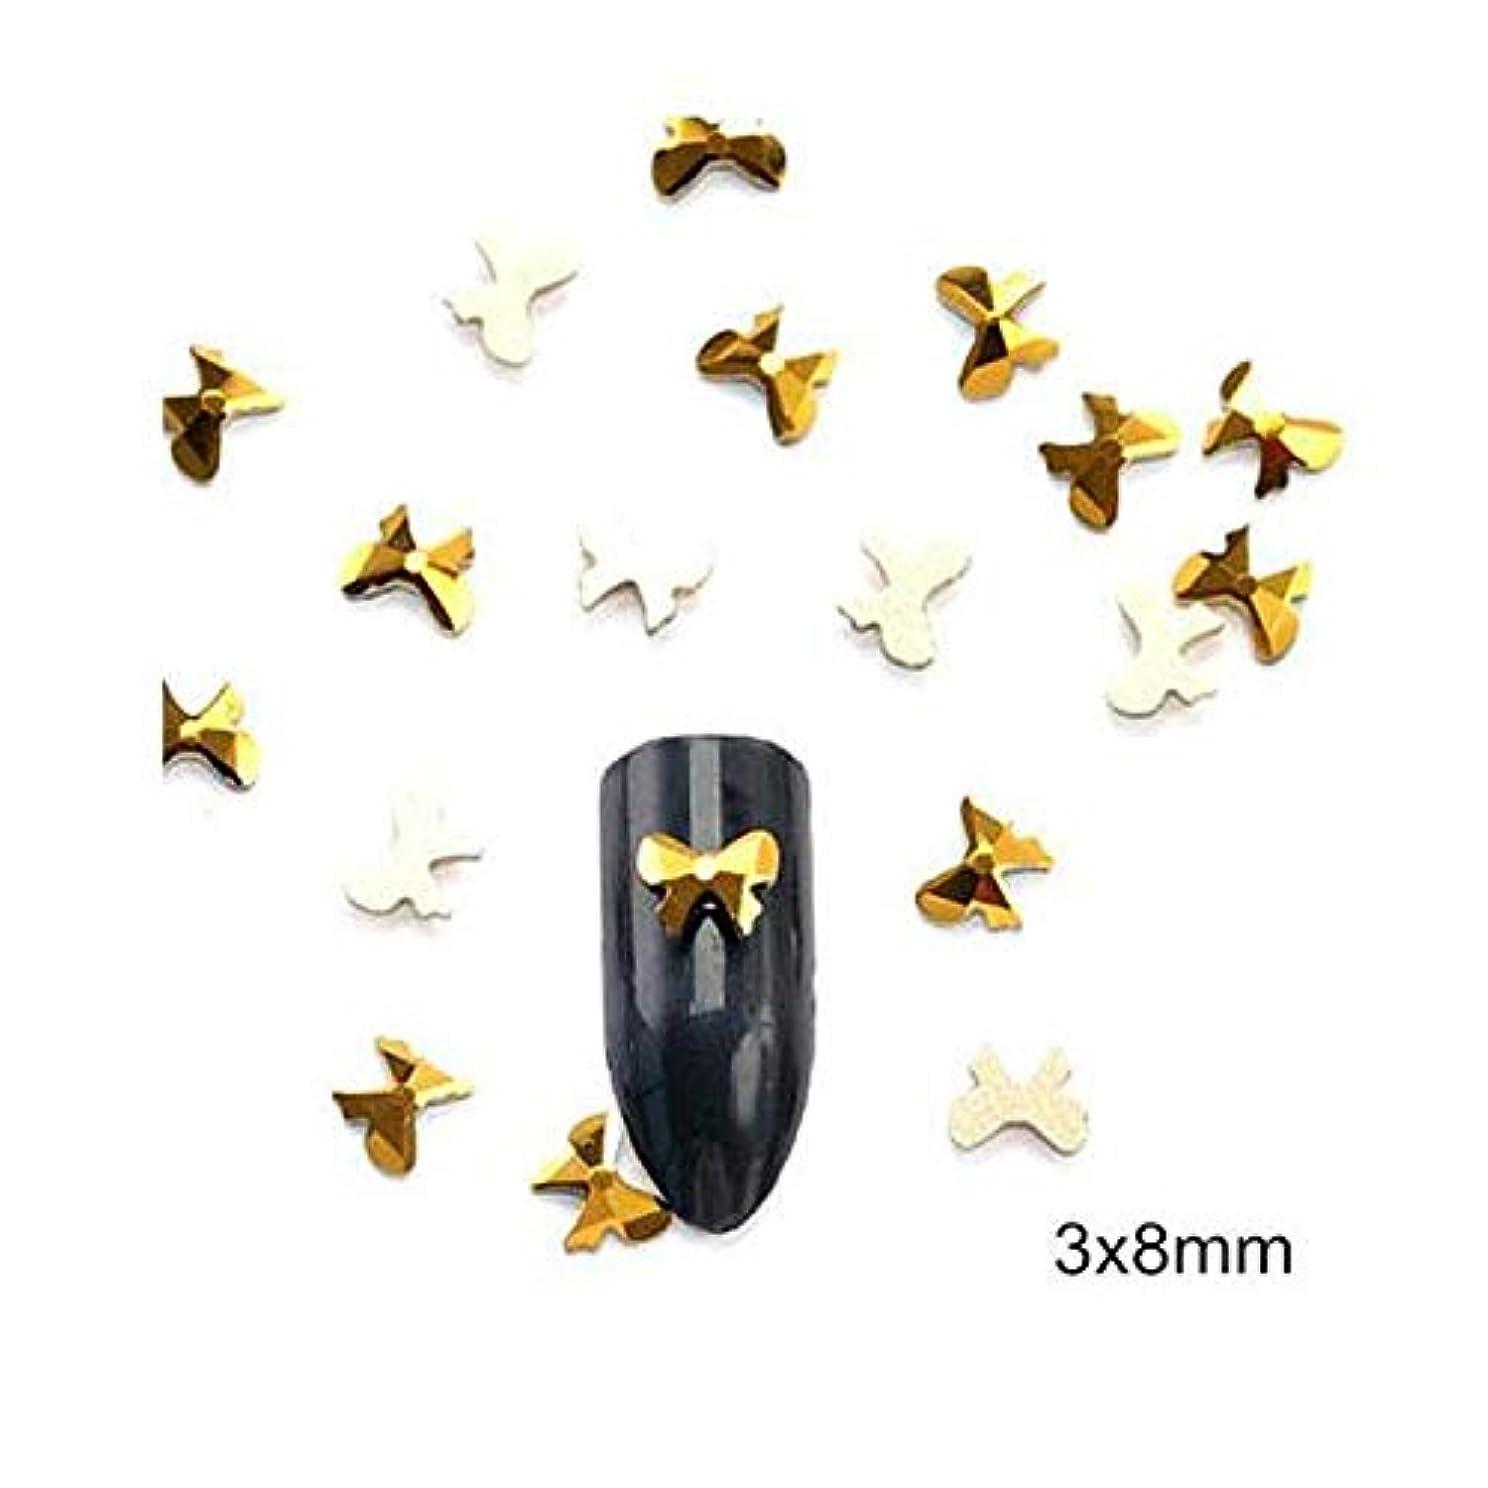 ベッツィトロットウッドビュッフェ参加者Flysea ダイヤモンドゴールド完全な形のネイルステッカースーパーフラッシュネイルジュエリーフラットドリルはネイルズアートの装飾結晶が設定したドリル(12グリッドボックス) (色 : Bow 10PCS)